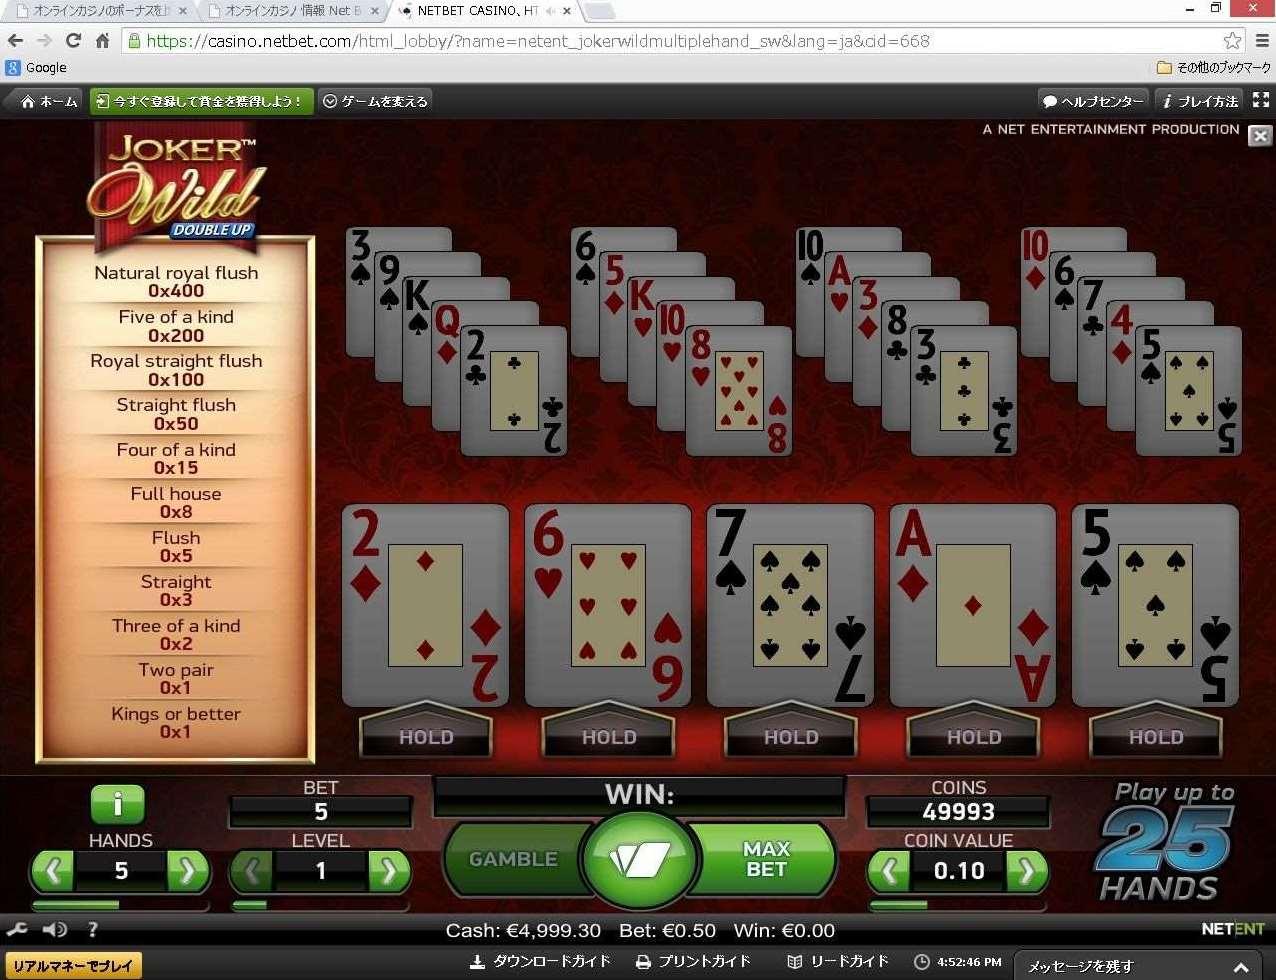 Joker Wild Double up2